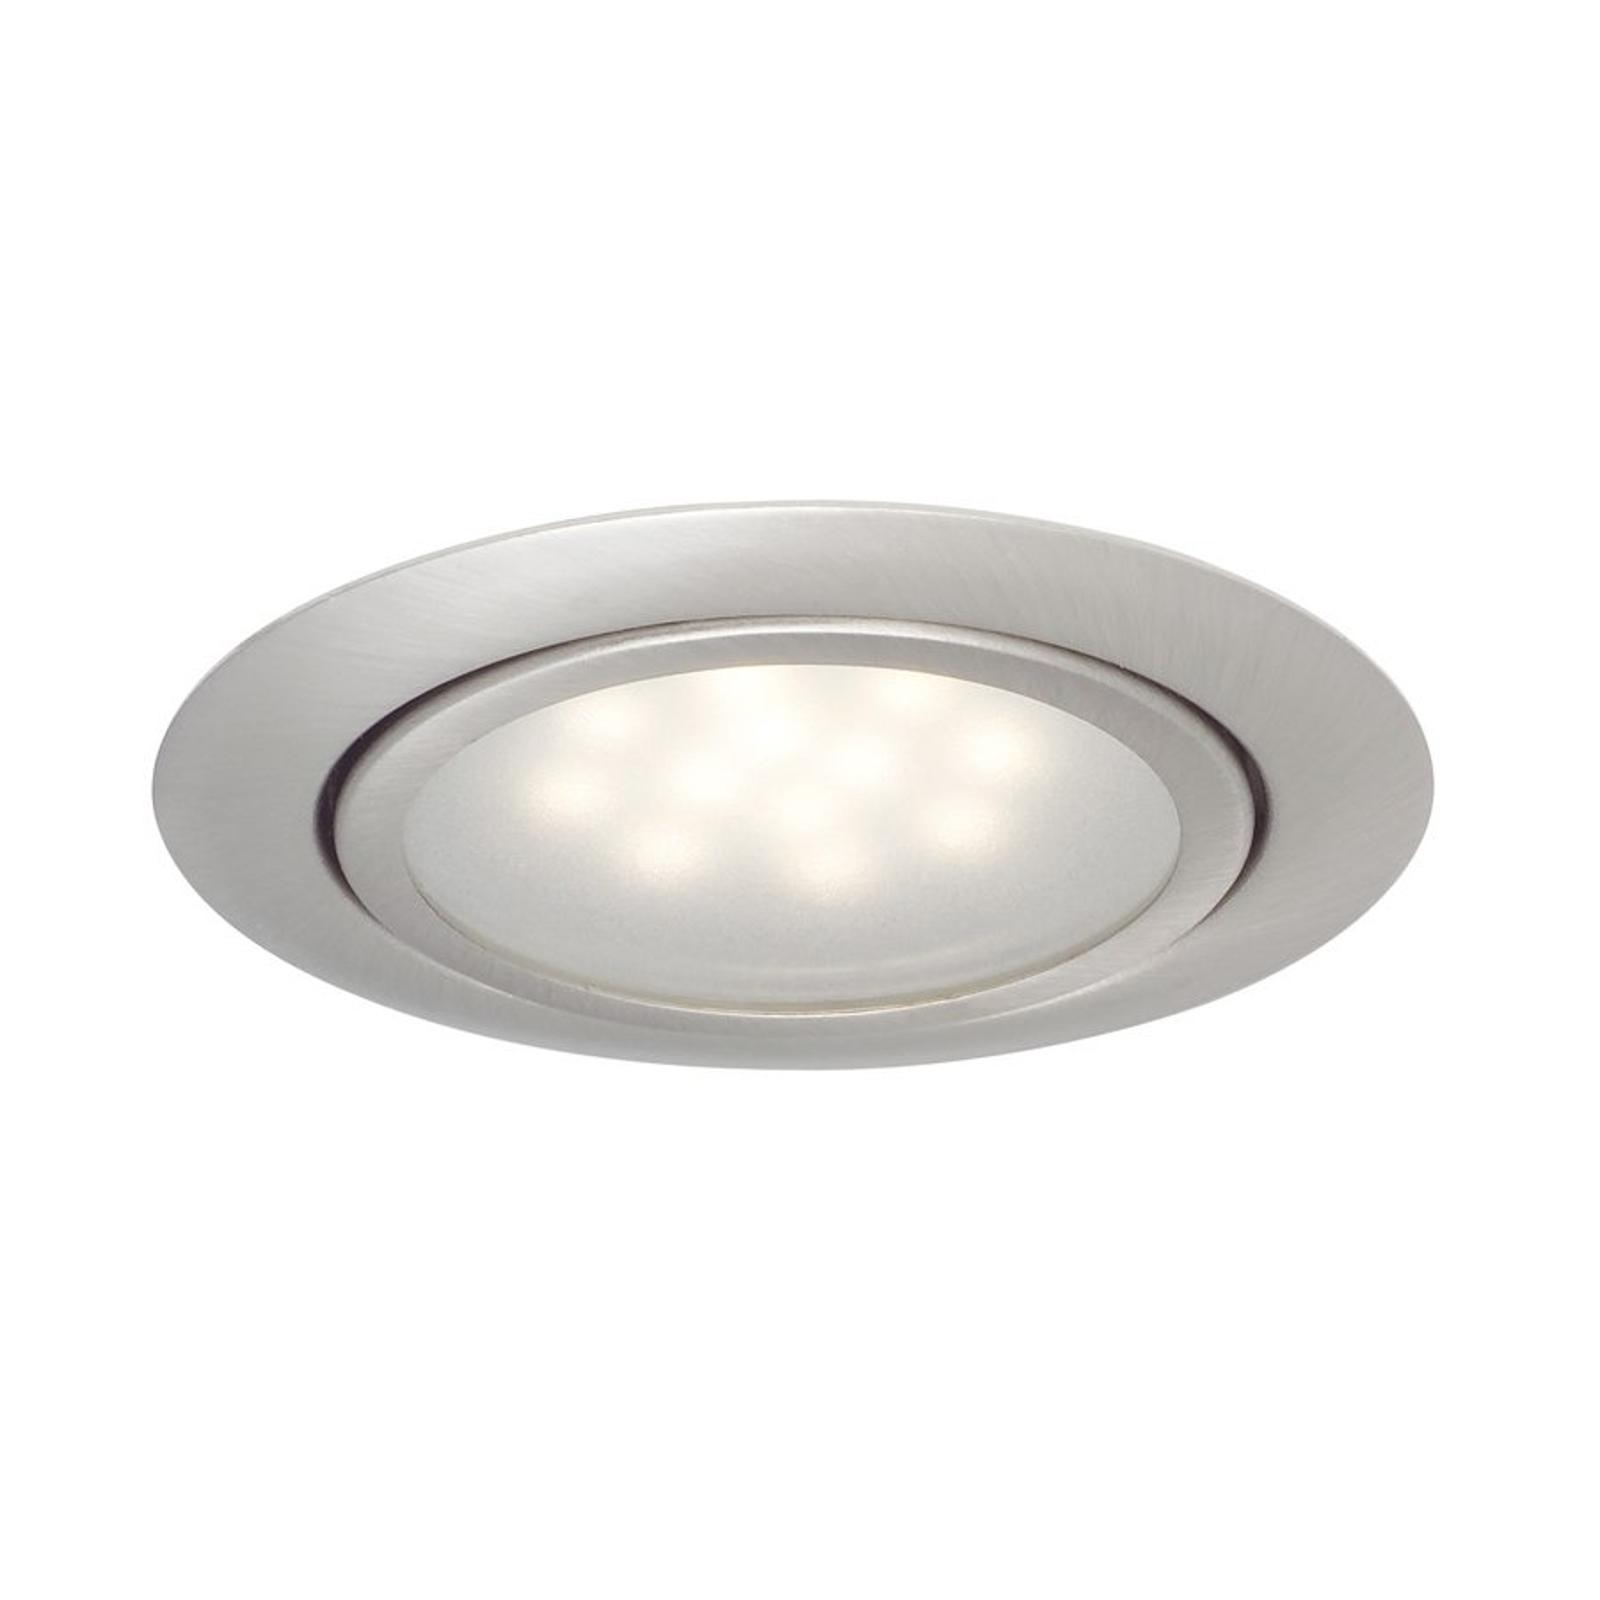 Spot LED Skinne set da 3, ferro spazzolato